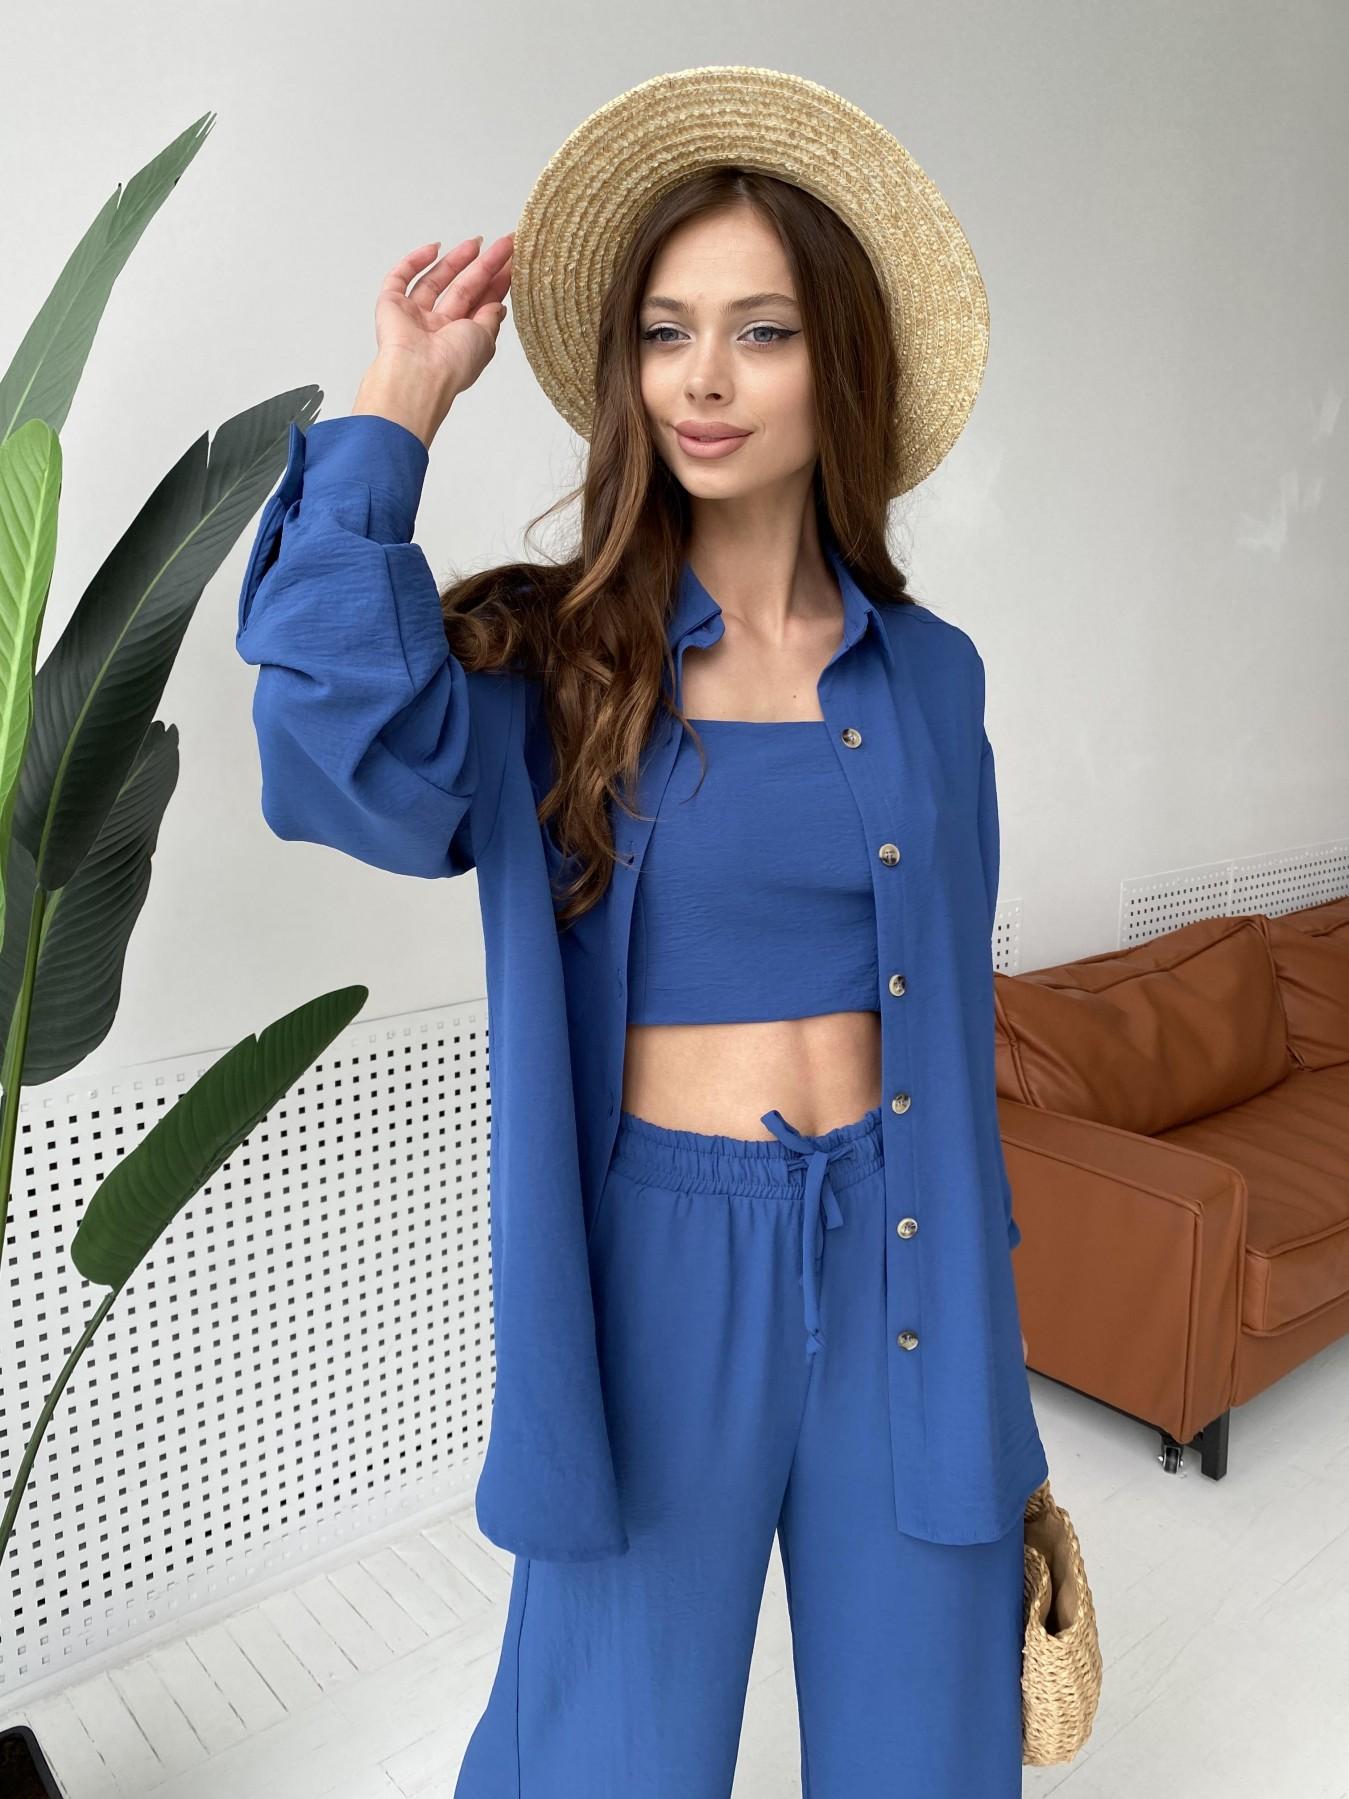 Квадро костюм американский из ткани креп (4 ед) 11303 АРТ. 47955 Цвет: Синий - фото 2, интернет магазин tm-modus.ru